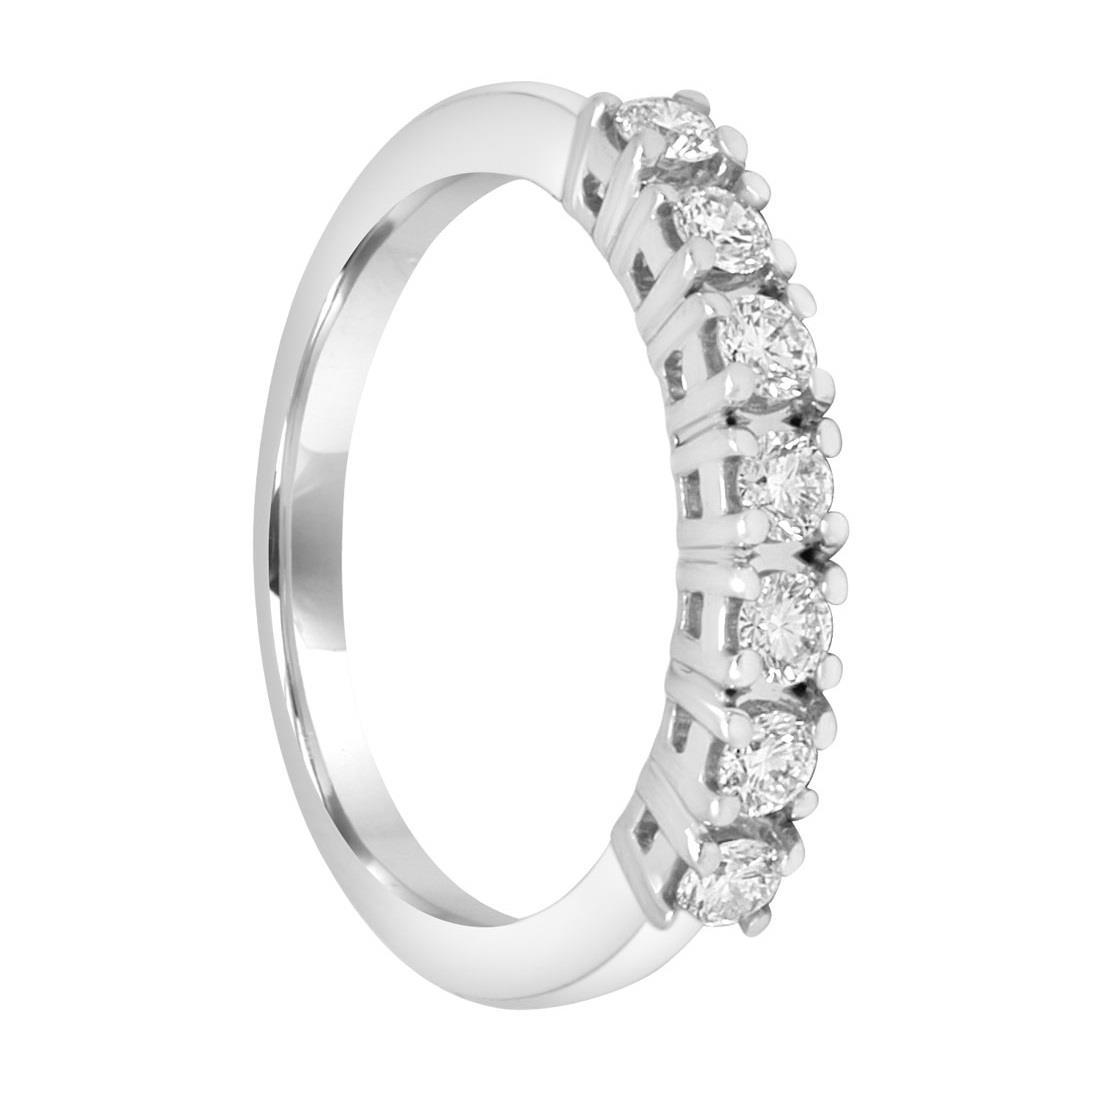 Anello riviere 7 pietre in oro bianco con diamanti 0.45 ct mis 15 - ALFIERI ST JOHN